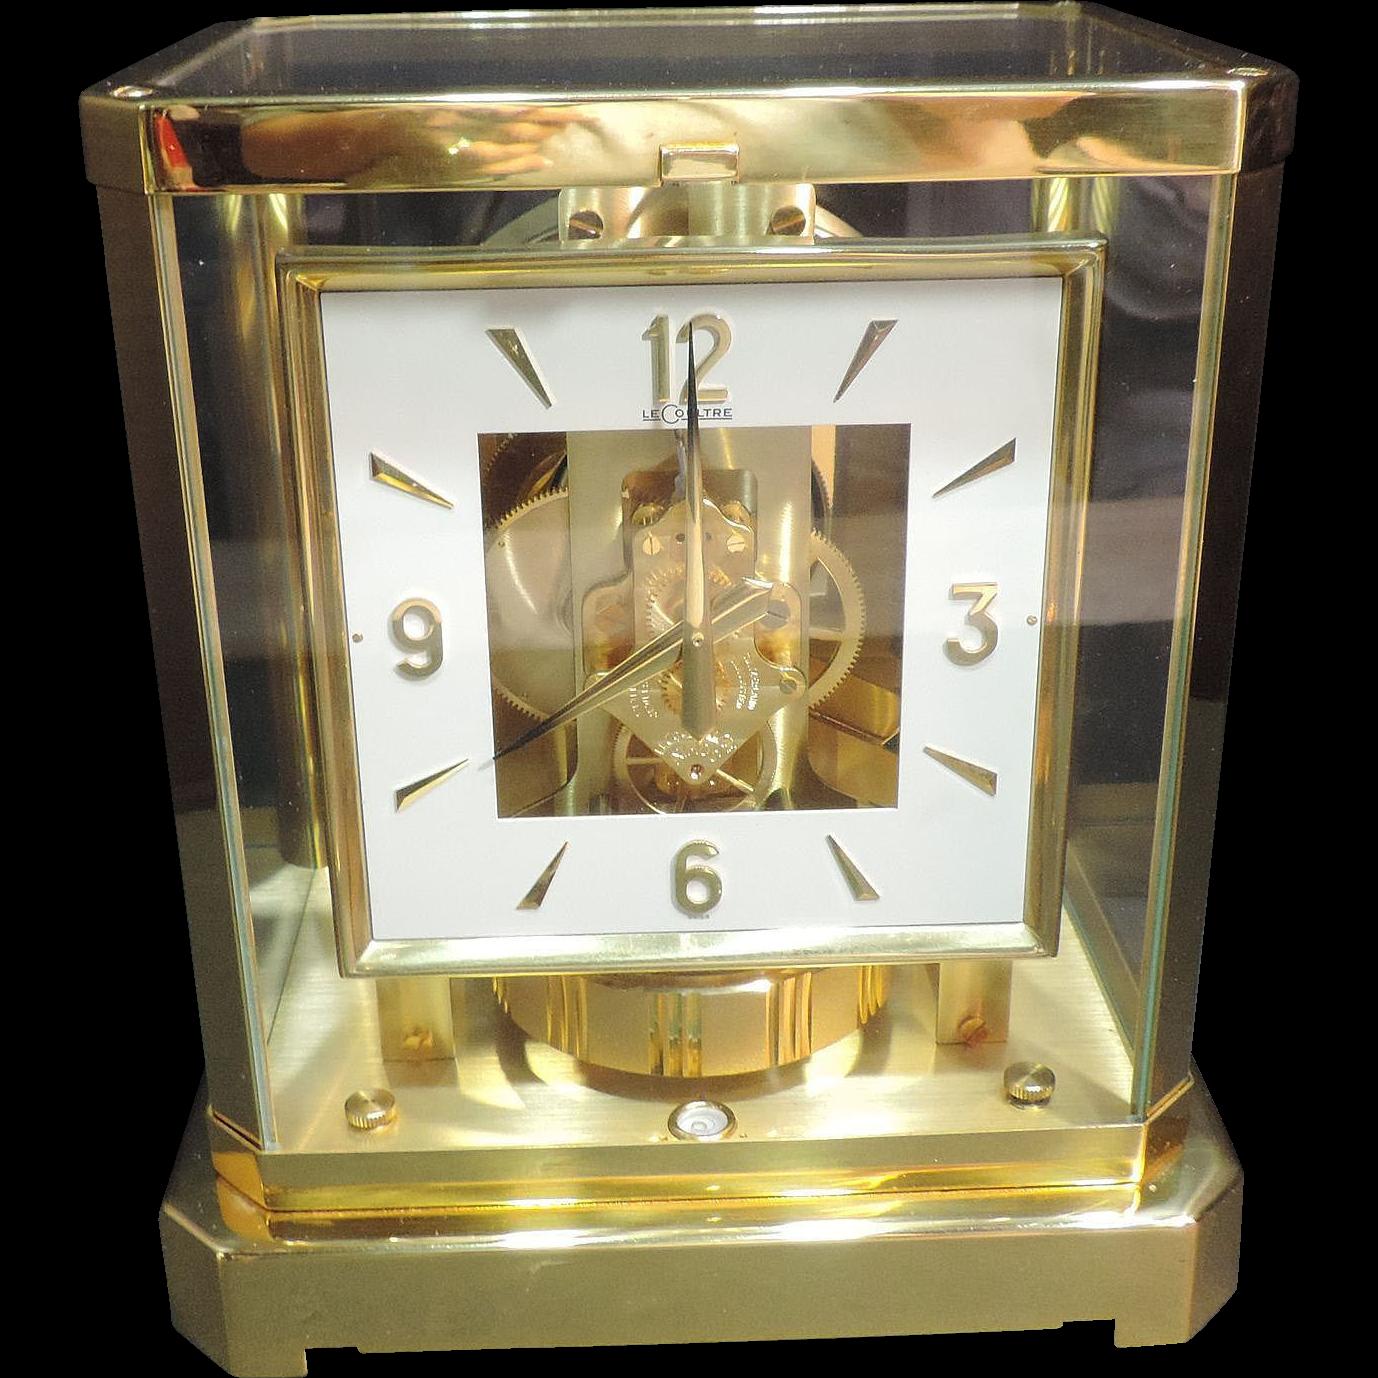 Jaeger Lecoultre Atmos Desk Clock Gilded Case 528 8